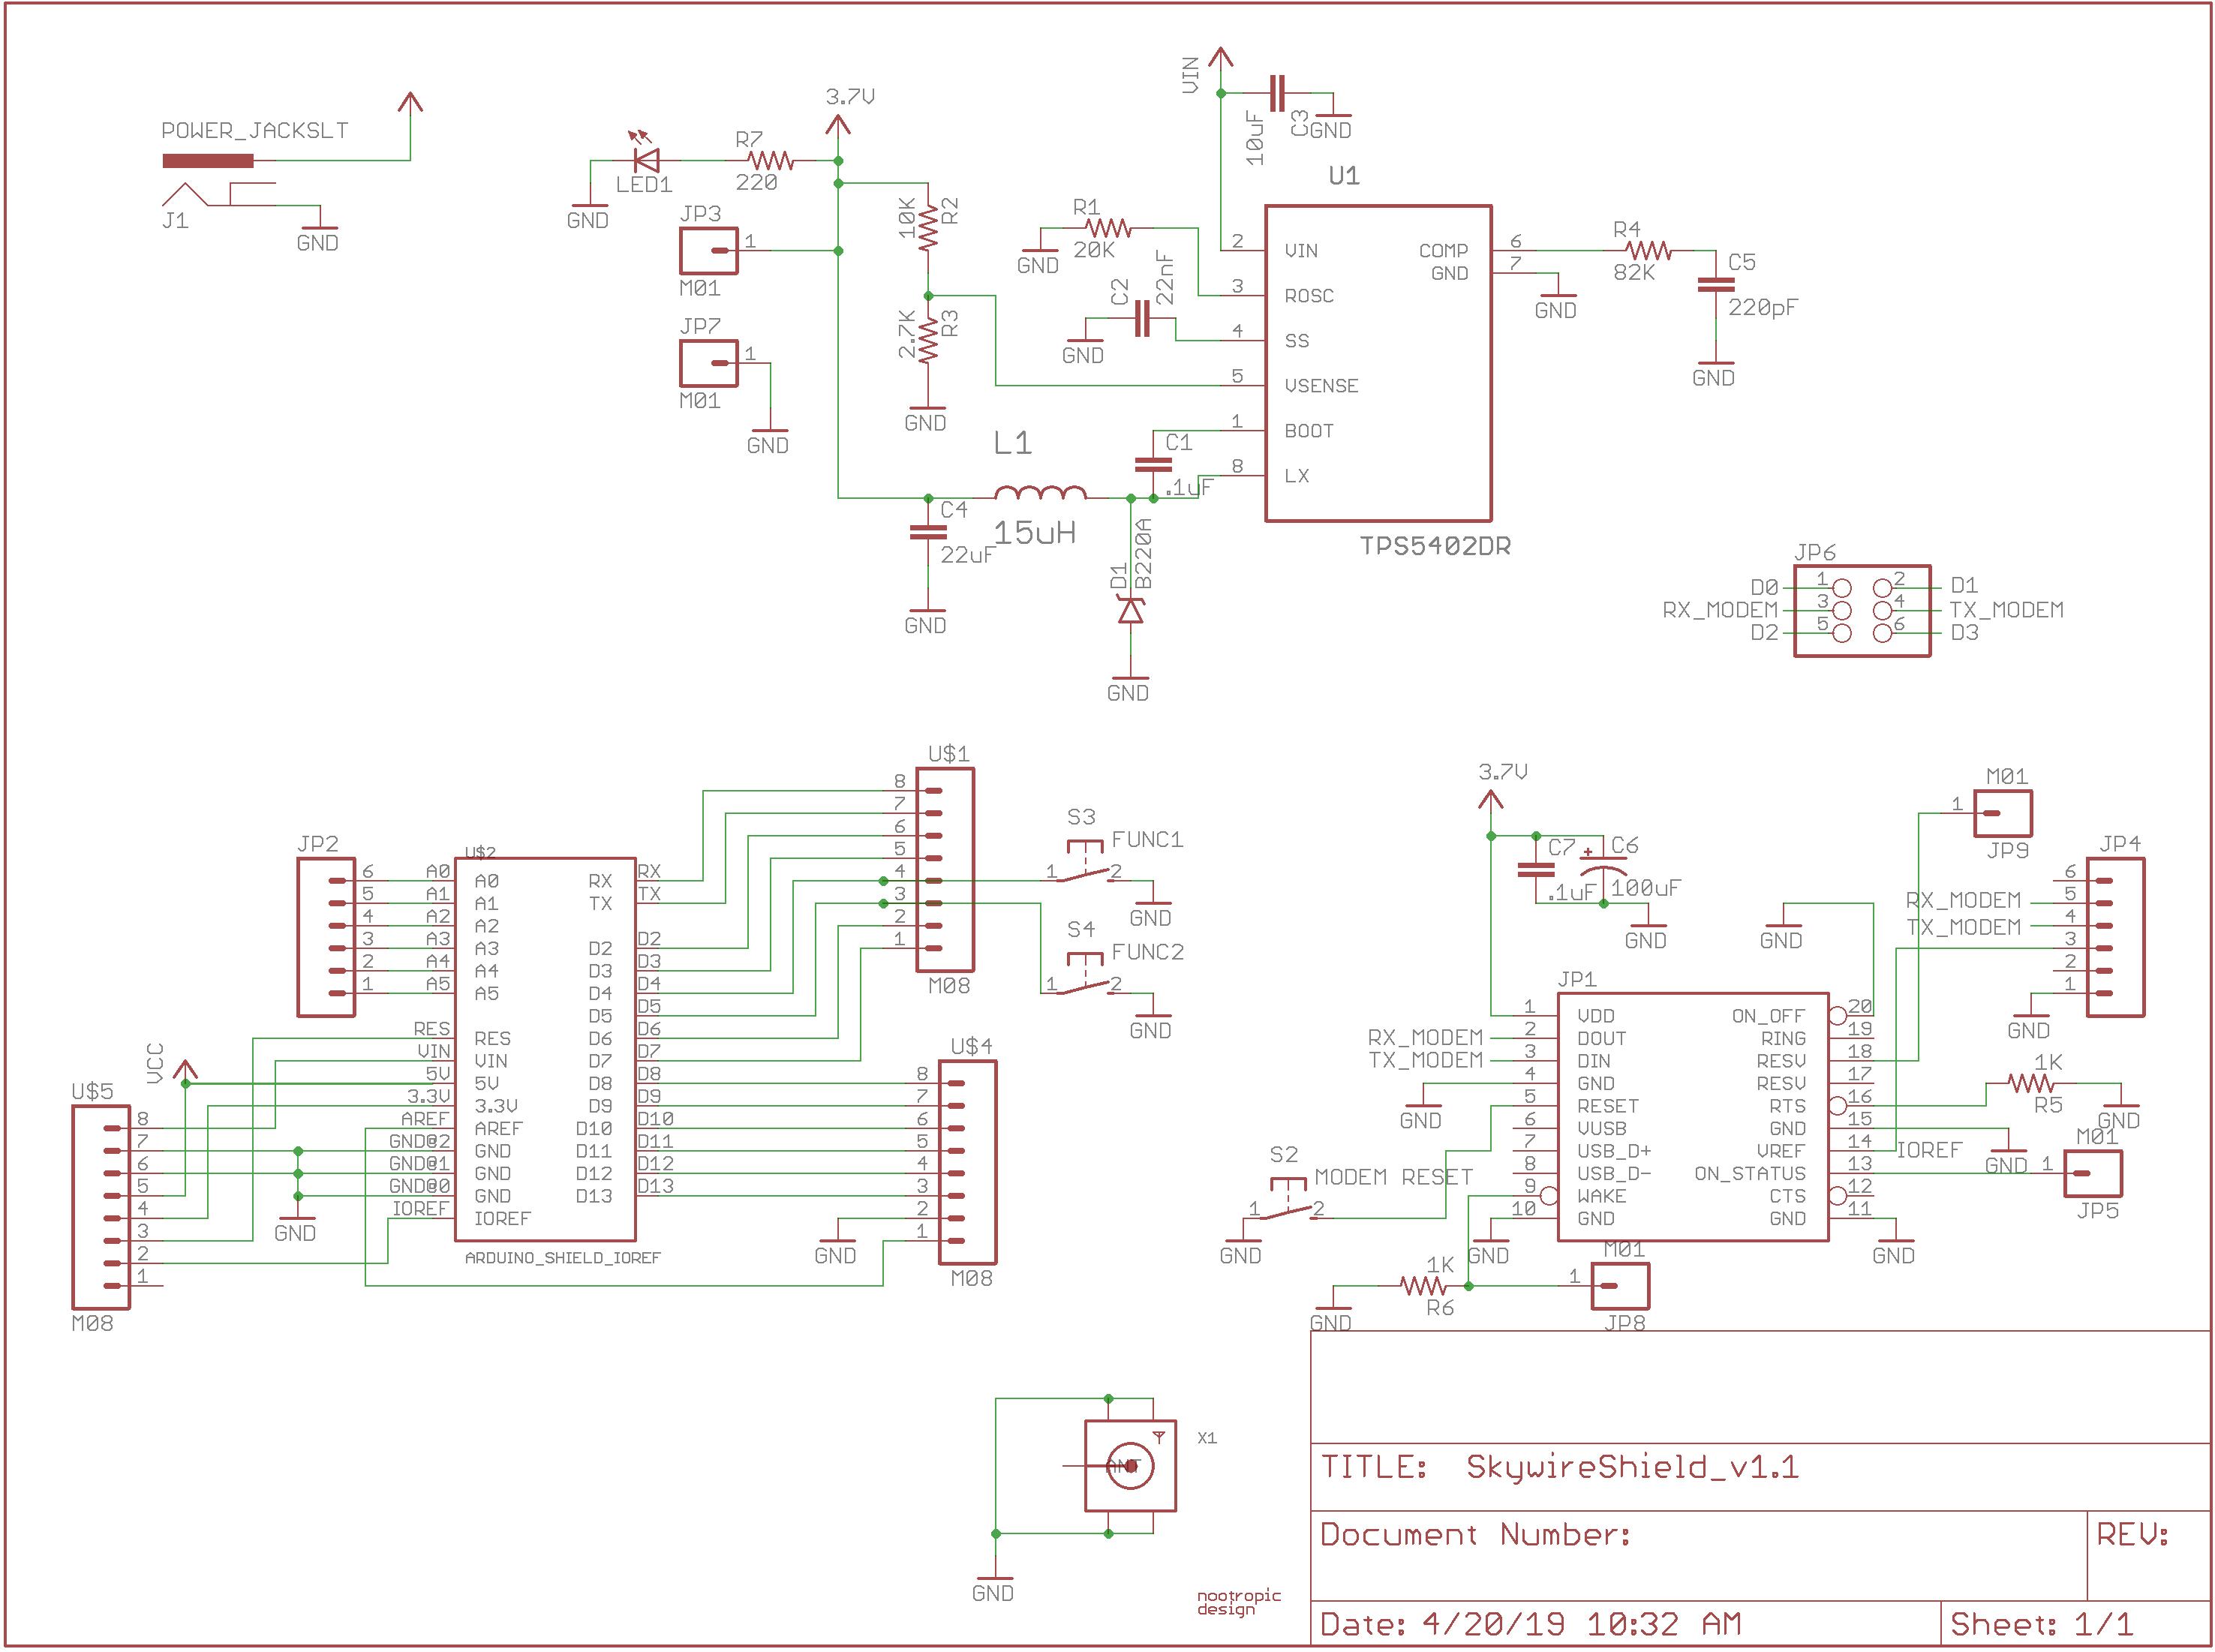 Skywire Shield schematic